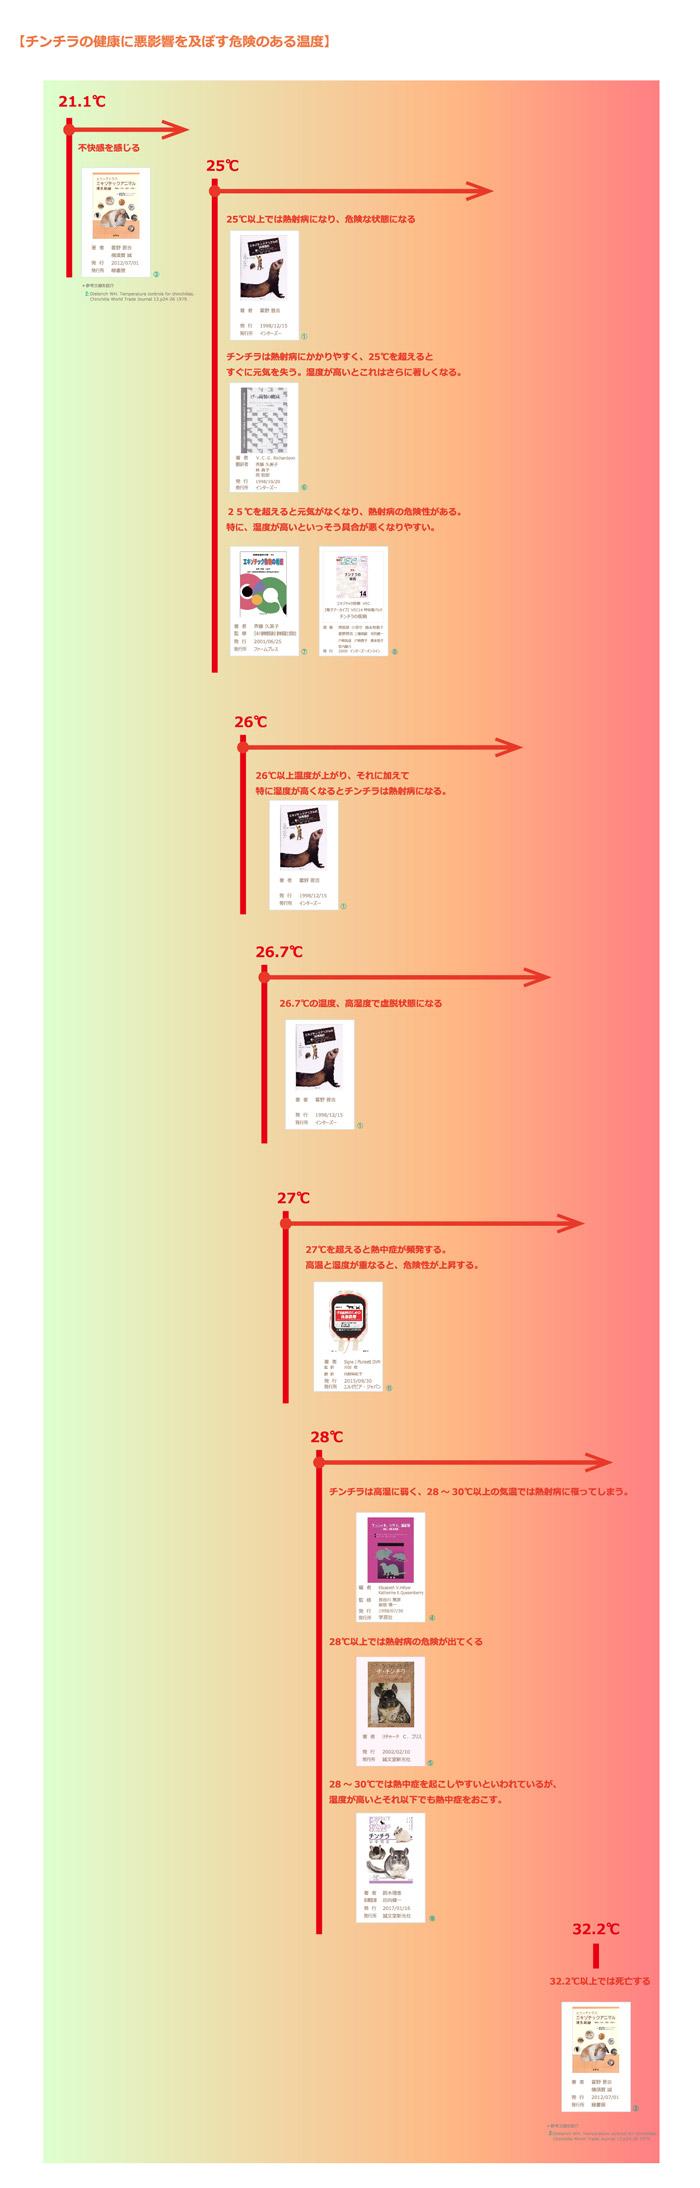 チンチラの健康に悪影響を及ぼす(熱射病・熱中症)危険性のある温度 飼育書や獣医学書に書かれている分布イメージ